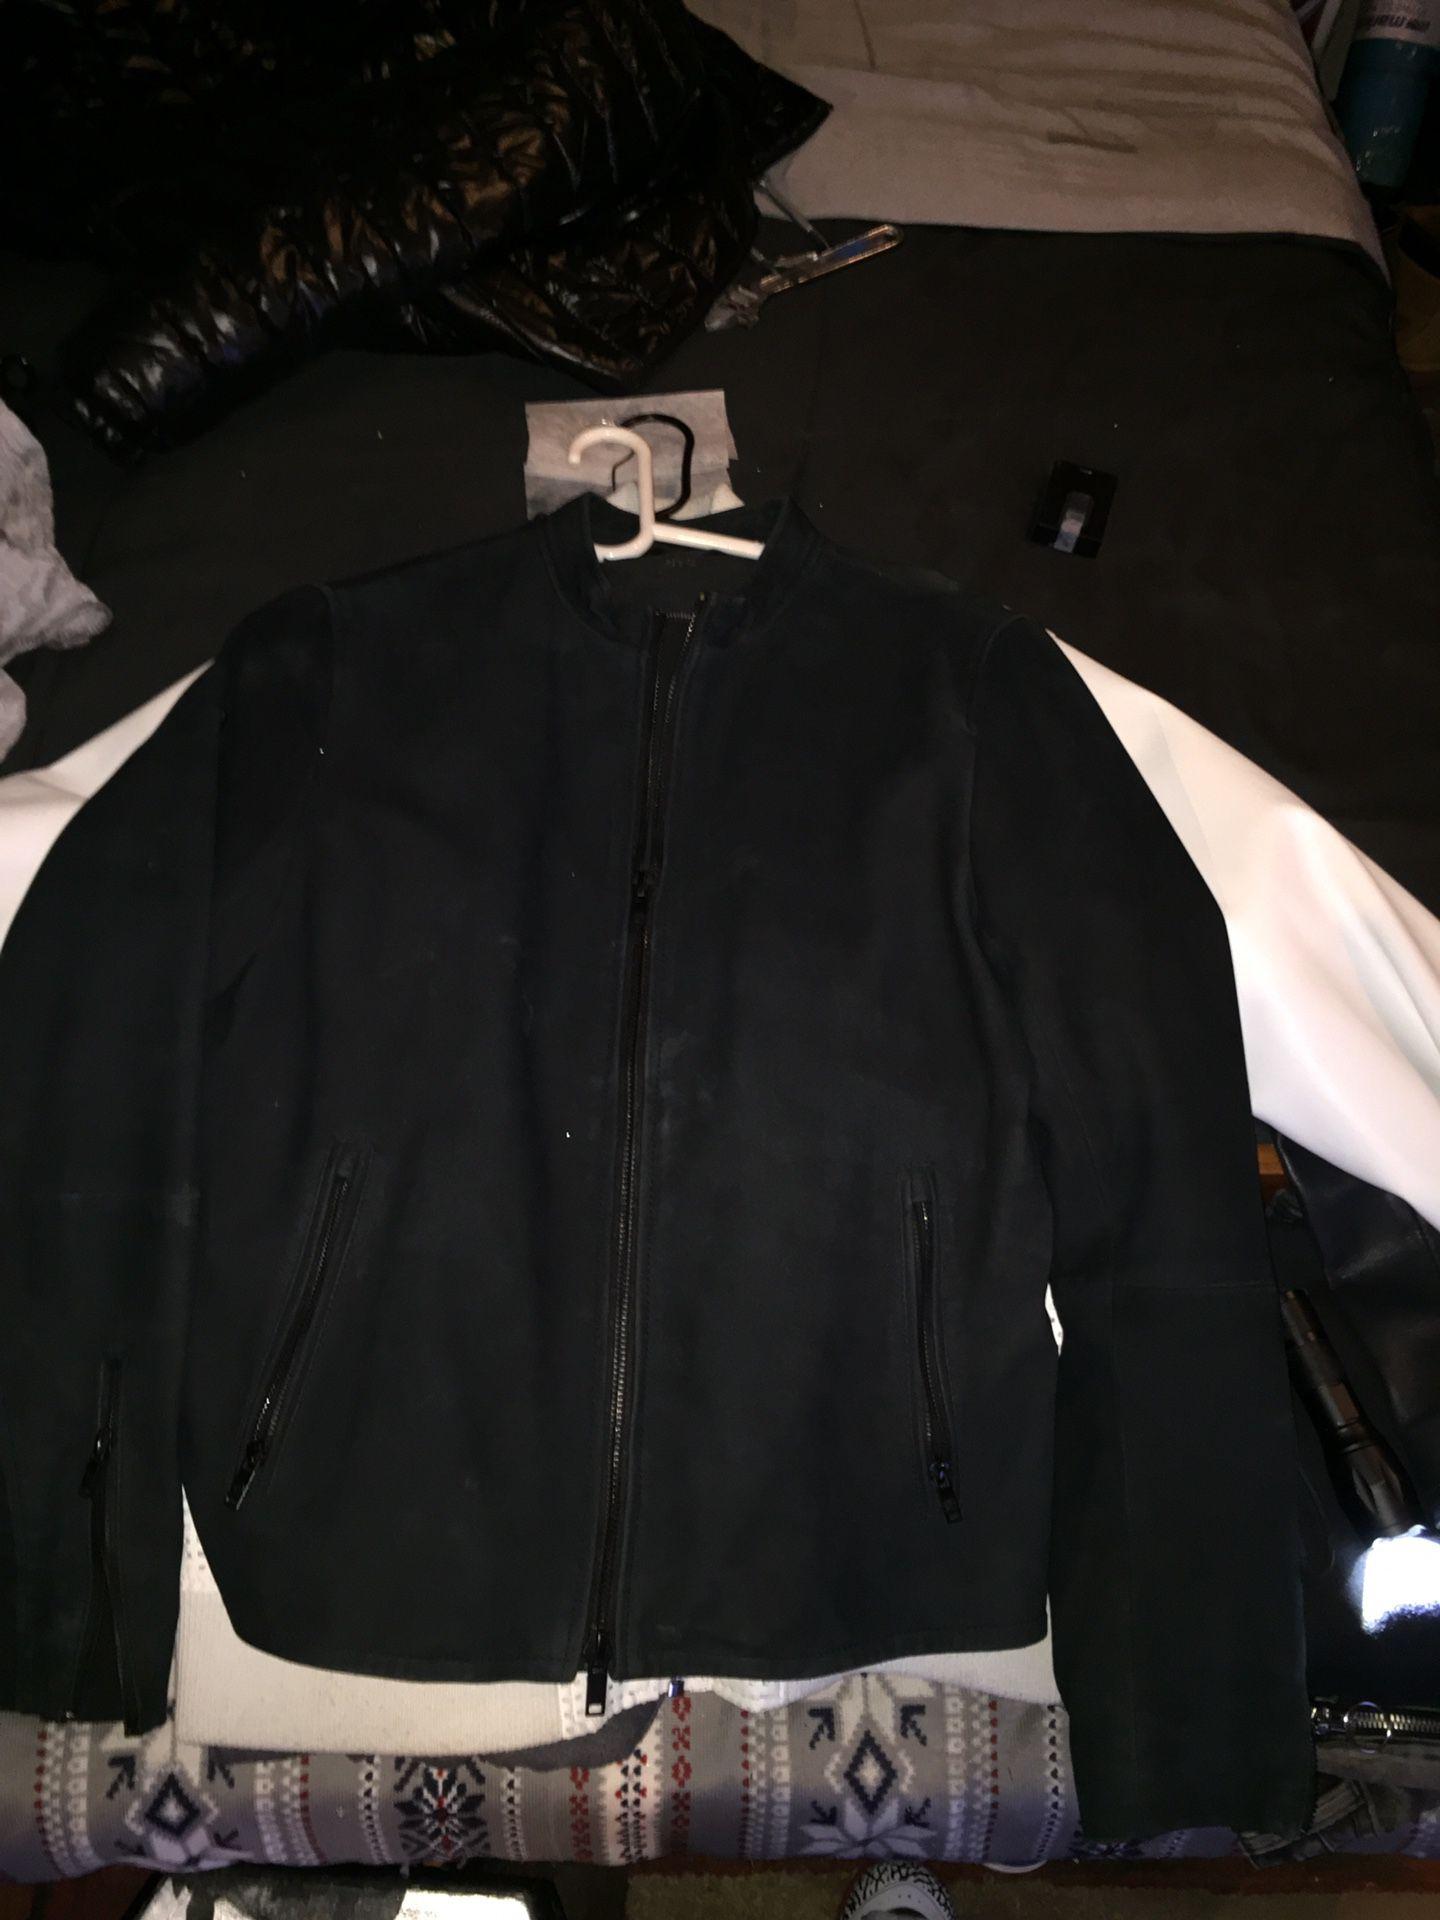 Mint condition super dry men's jacket